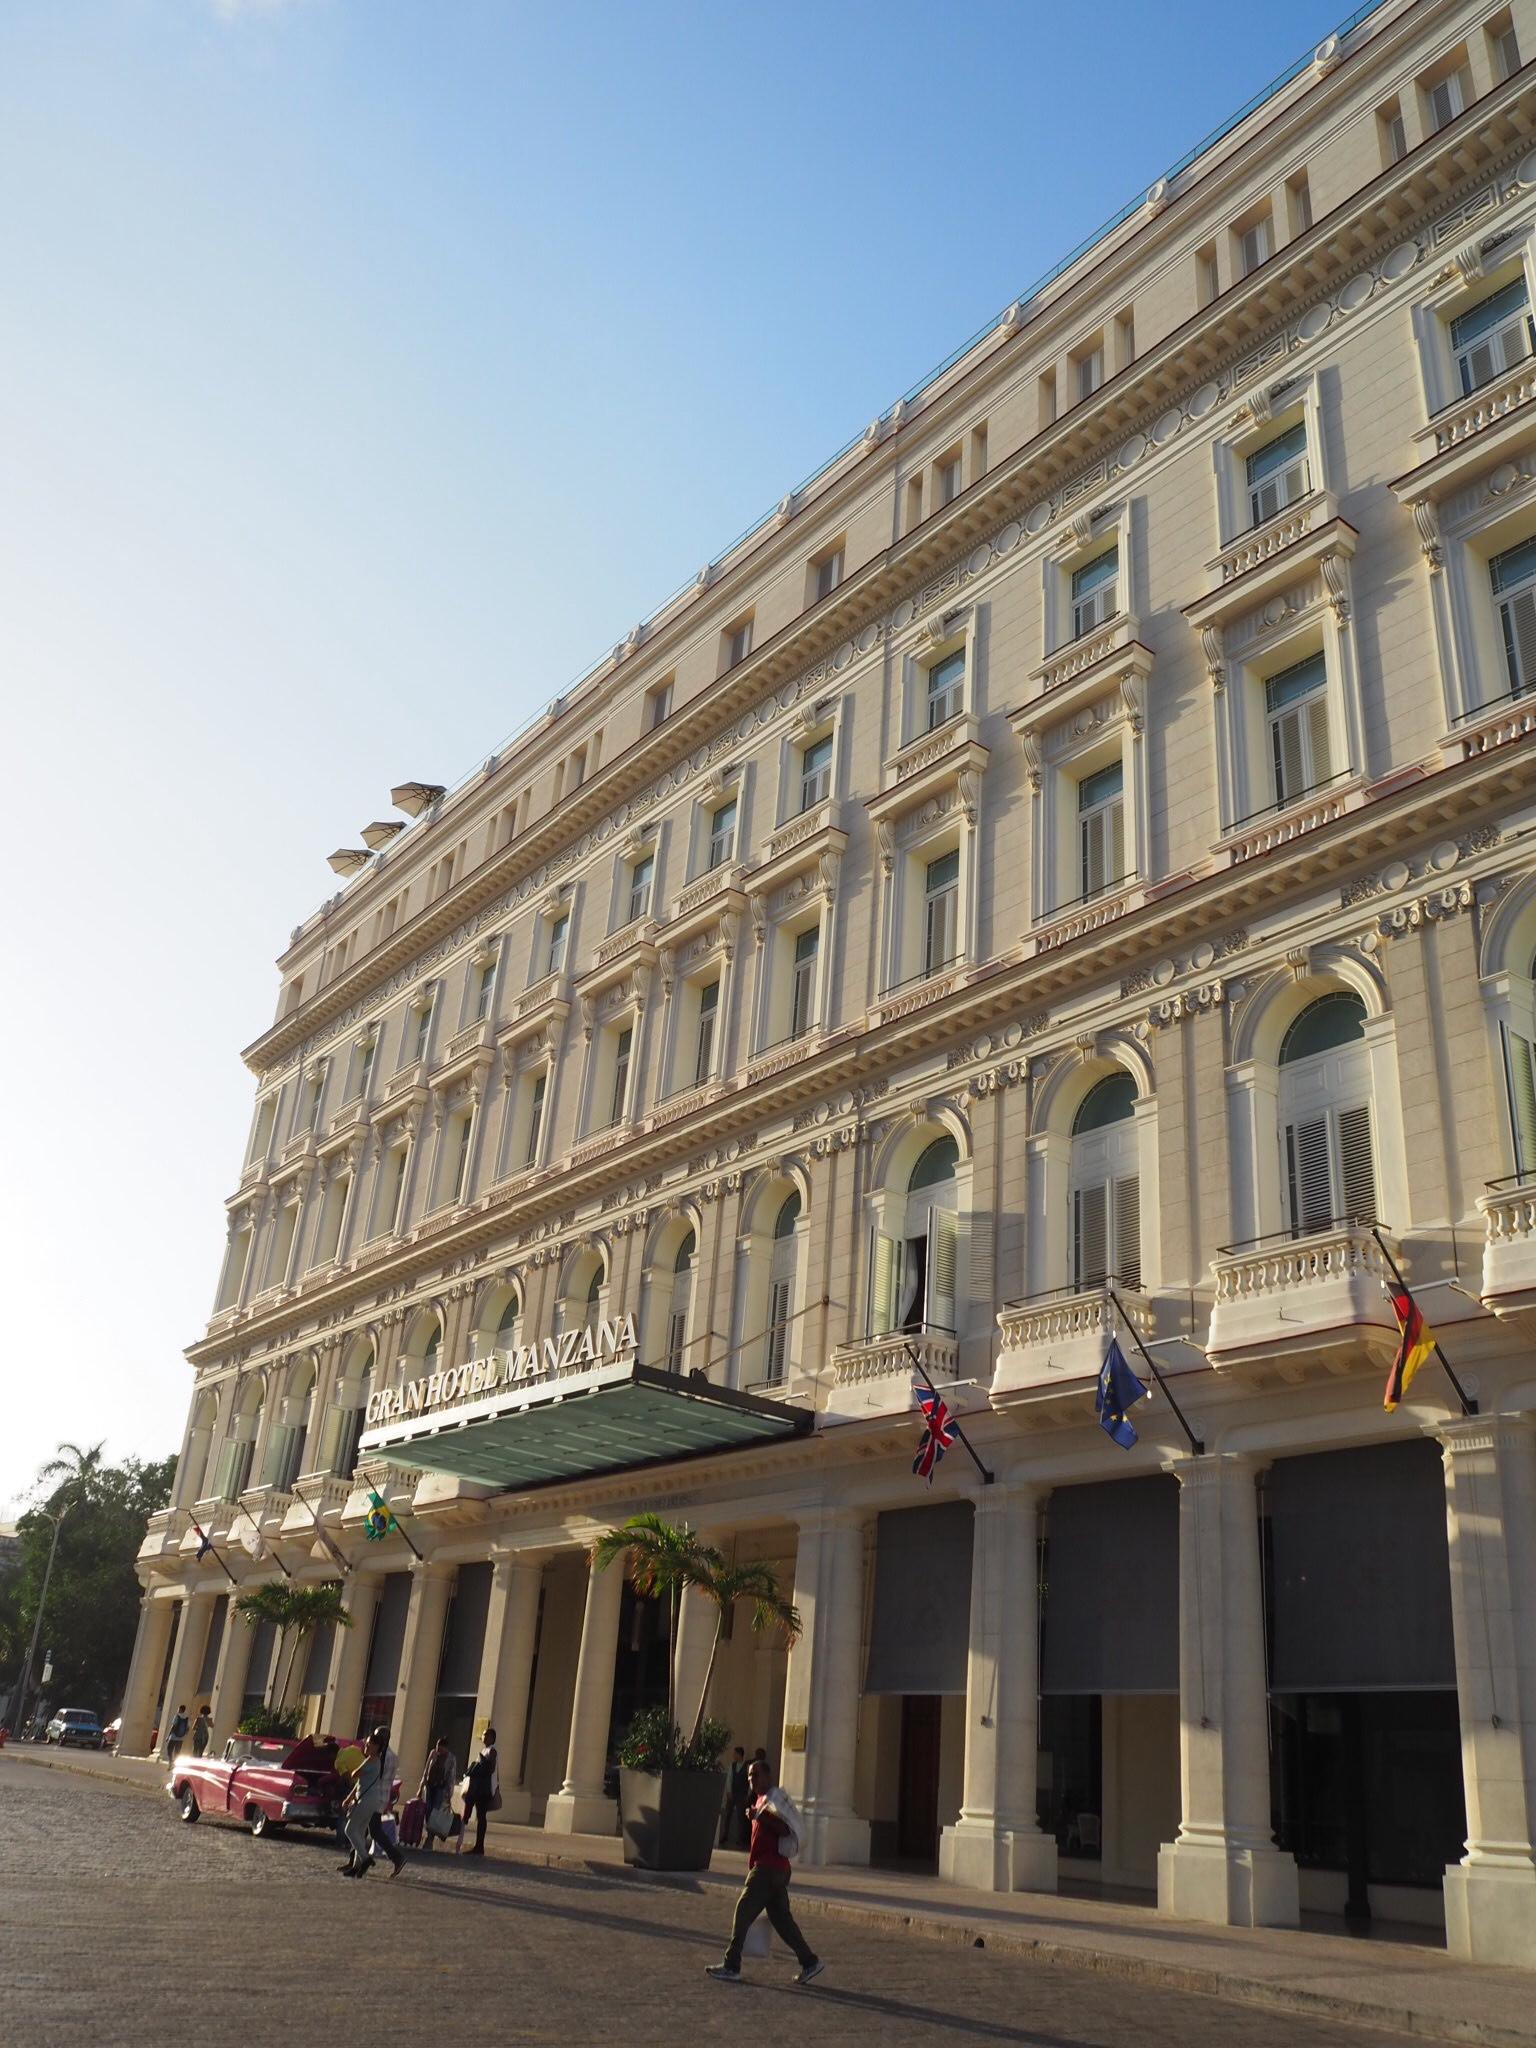 img 2203 - Kempinski Hotel - 2017年オープンのハバナで今1番と言われる五つ星ラグジュアリーホテル